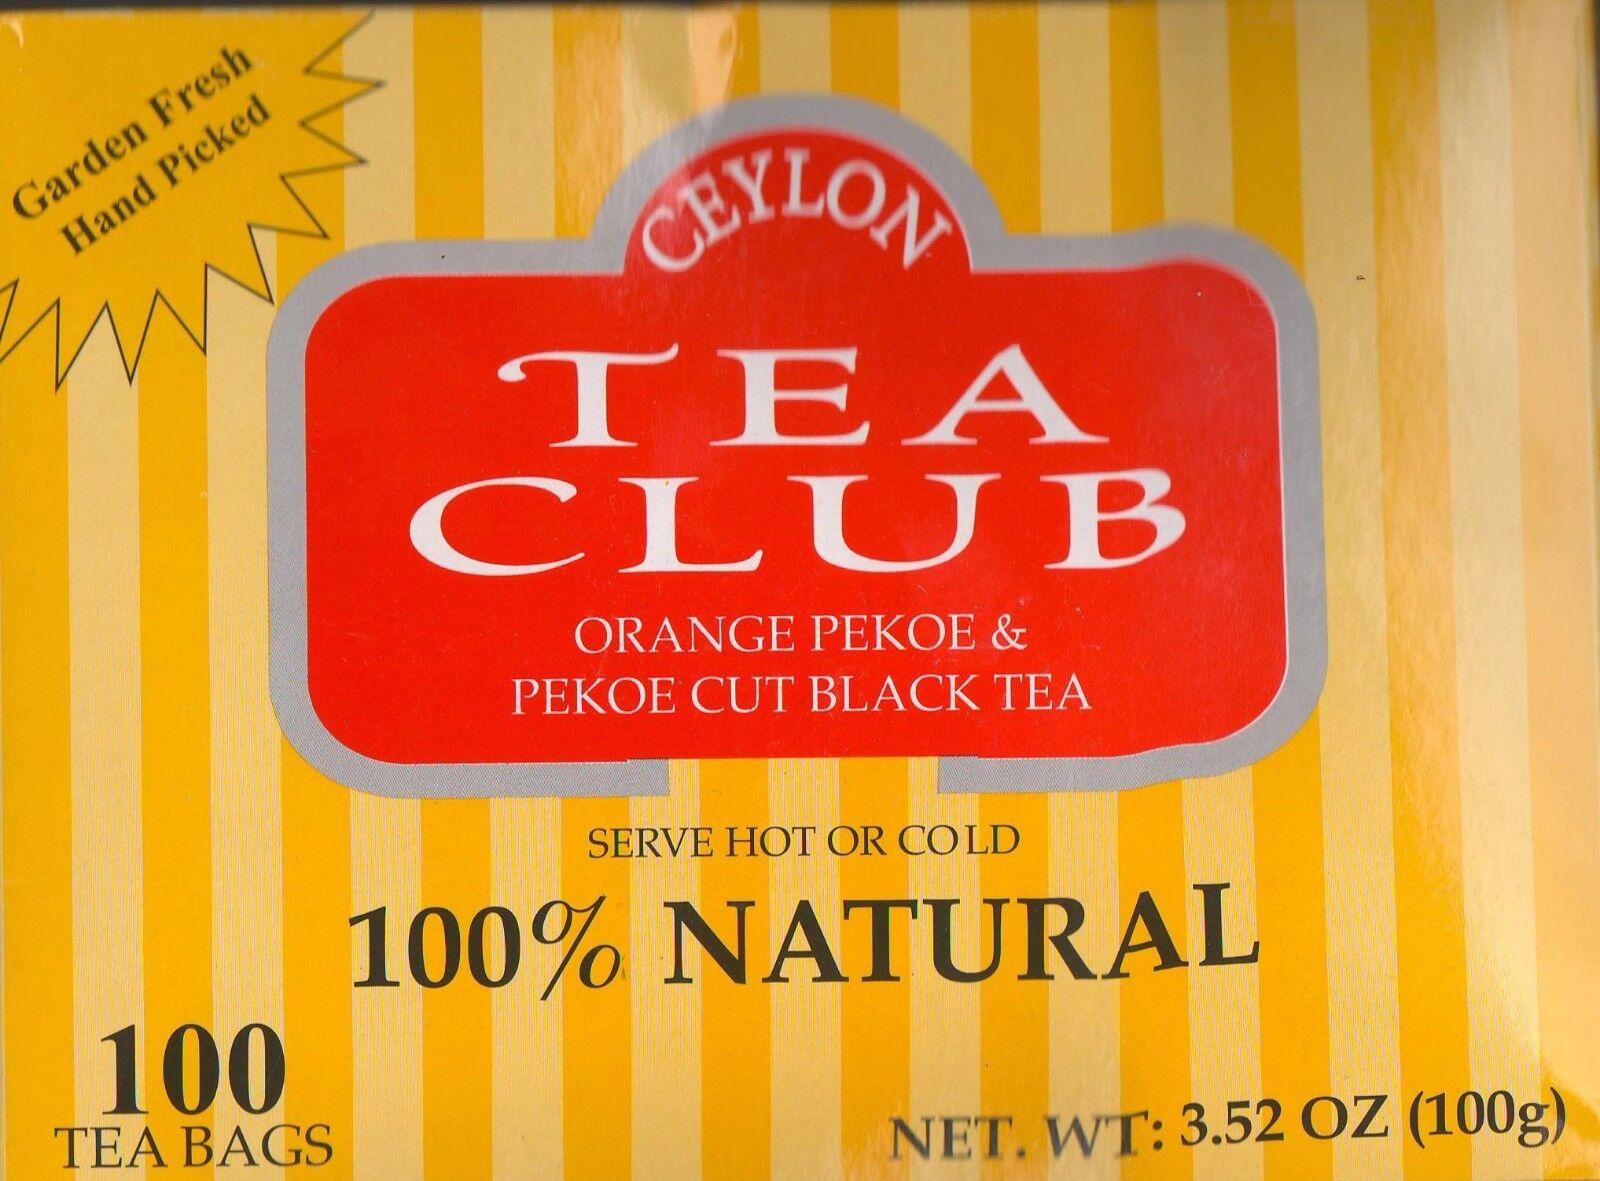 CEYLON Orange Pekoe & Pekoe cut Black TEA  SEALED BOX